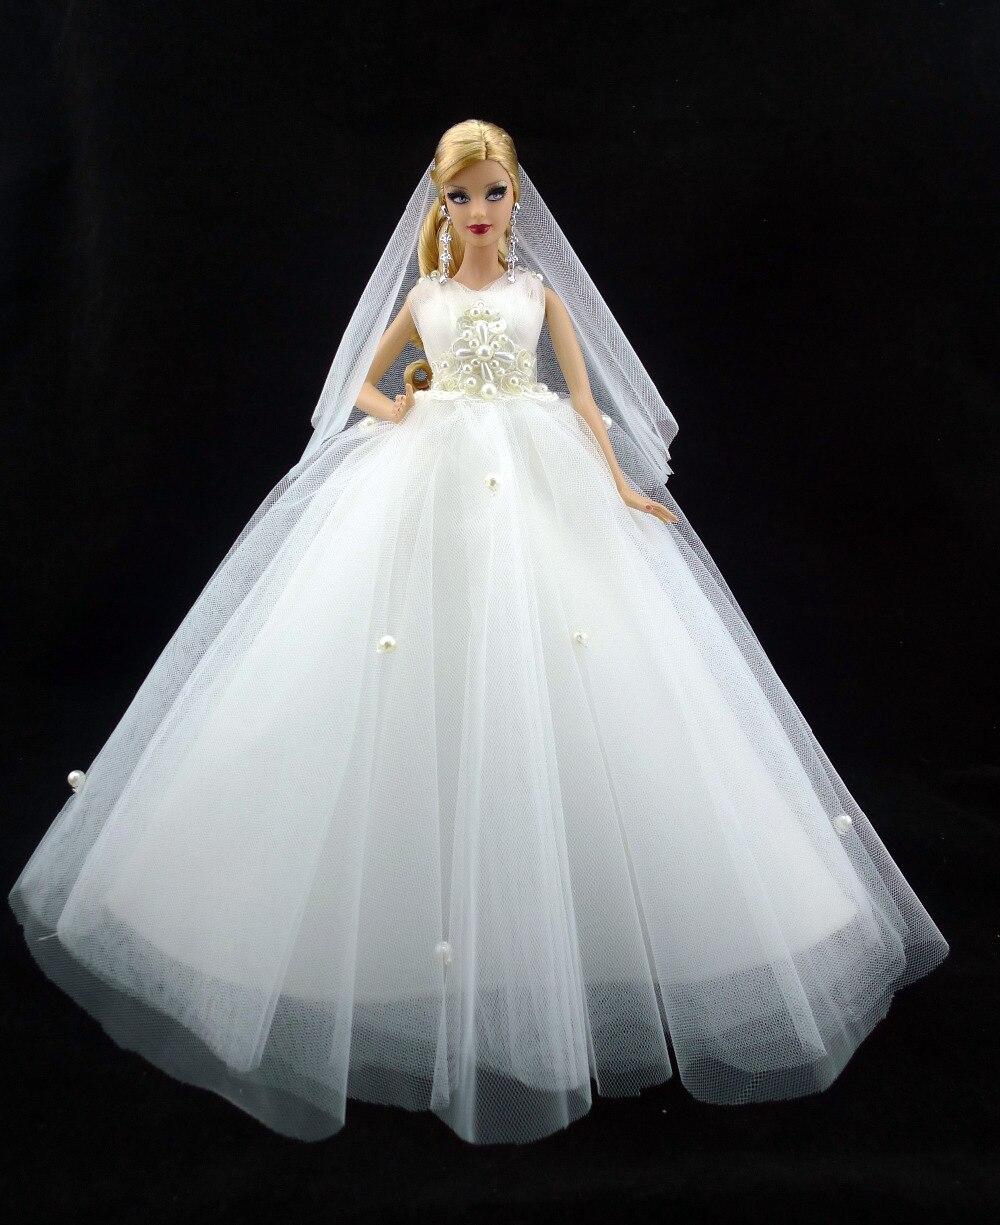 Свадебное платье для Барби - Своими руками интернет журнал 82